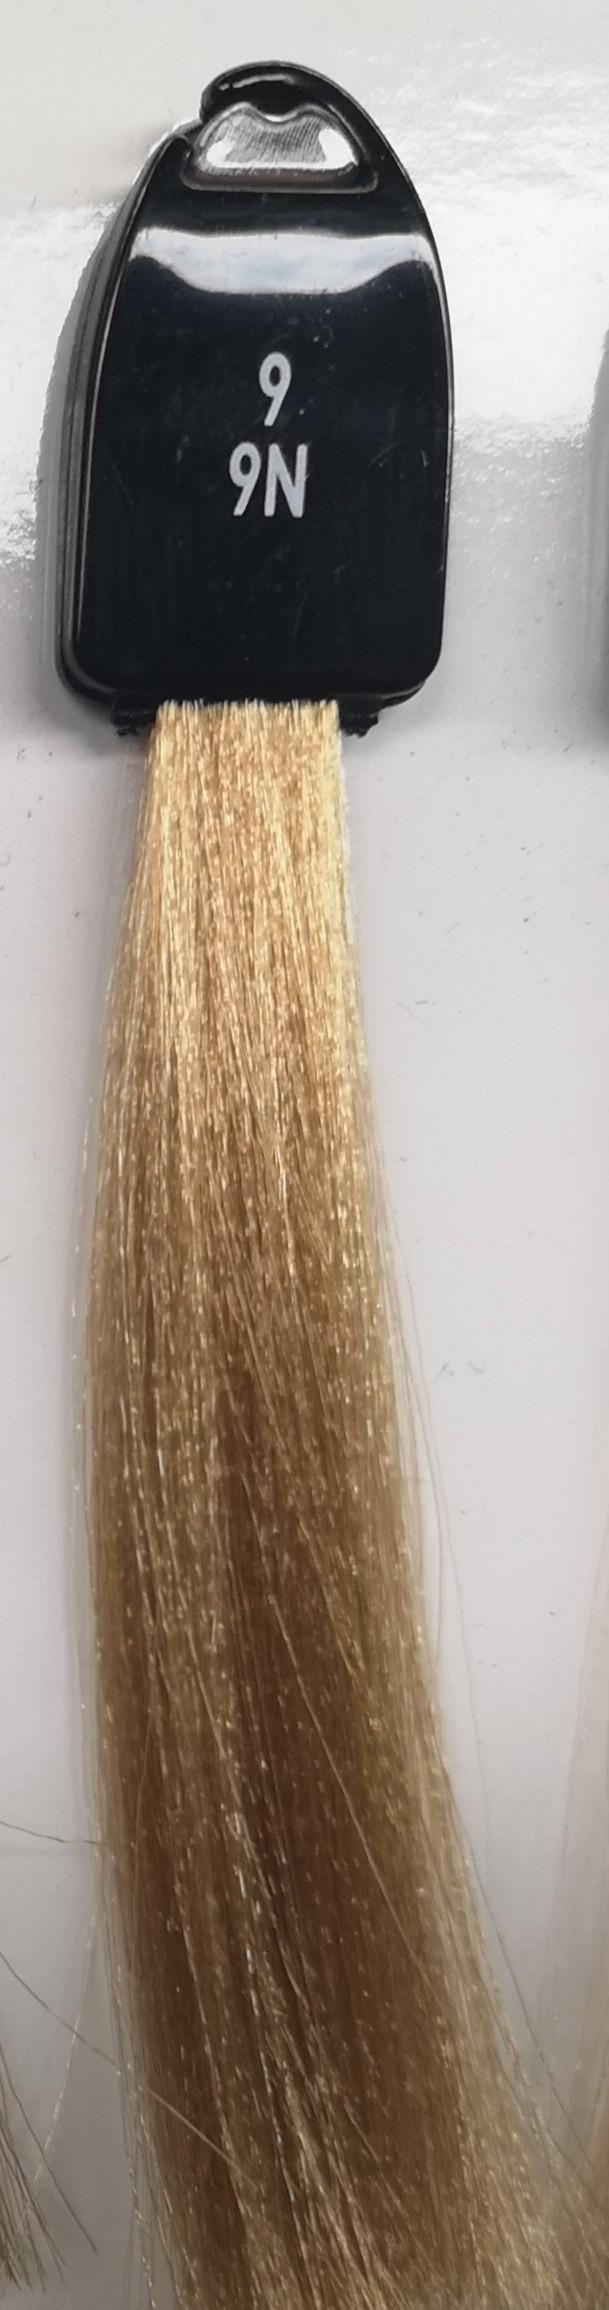 9 labai šviesi blondinė